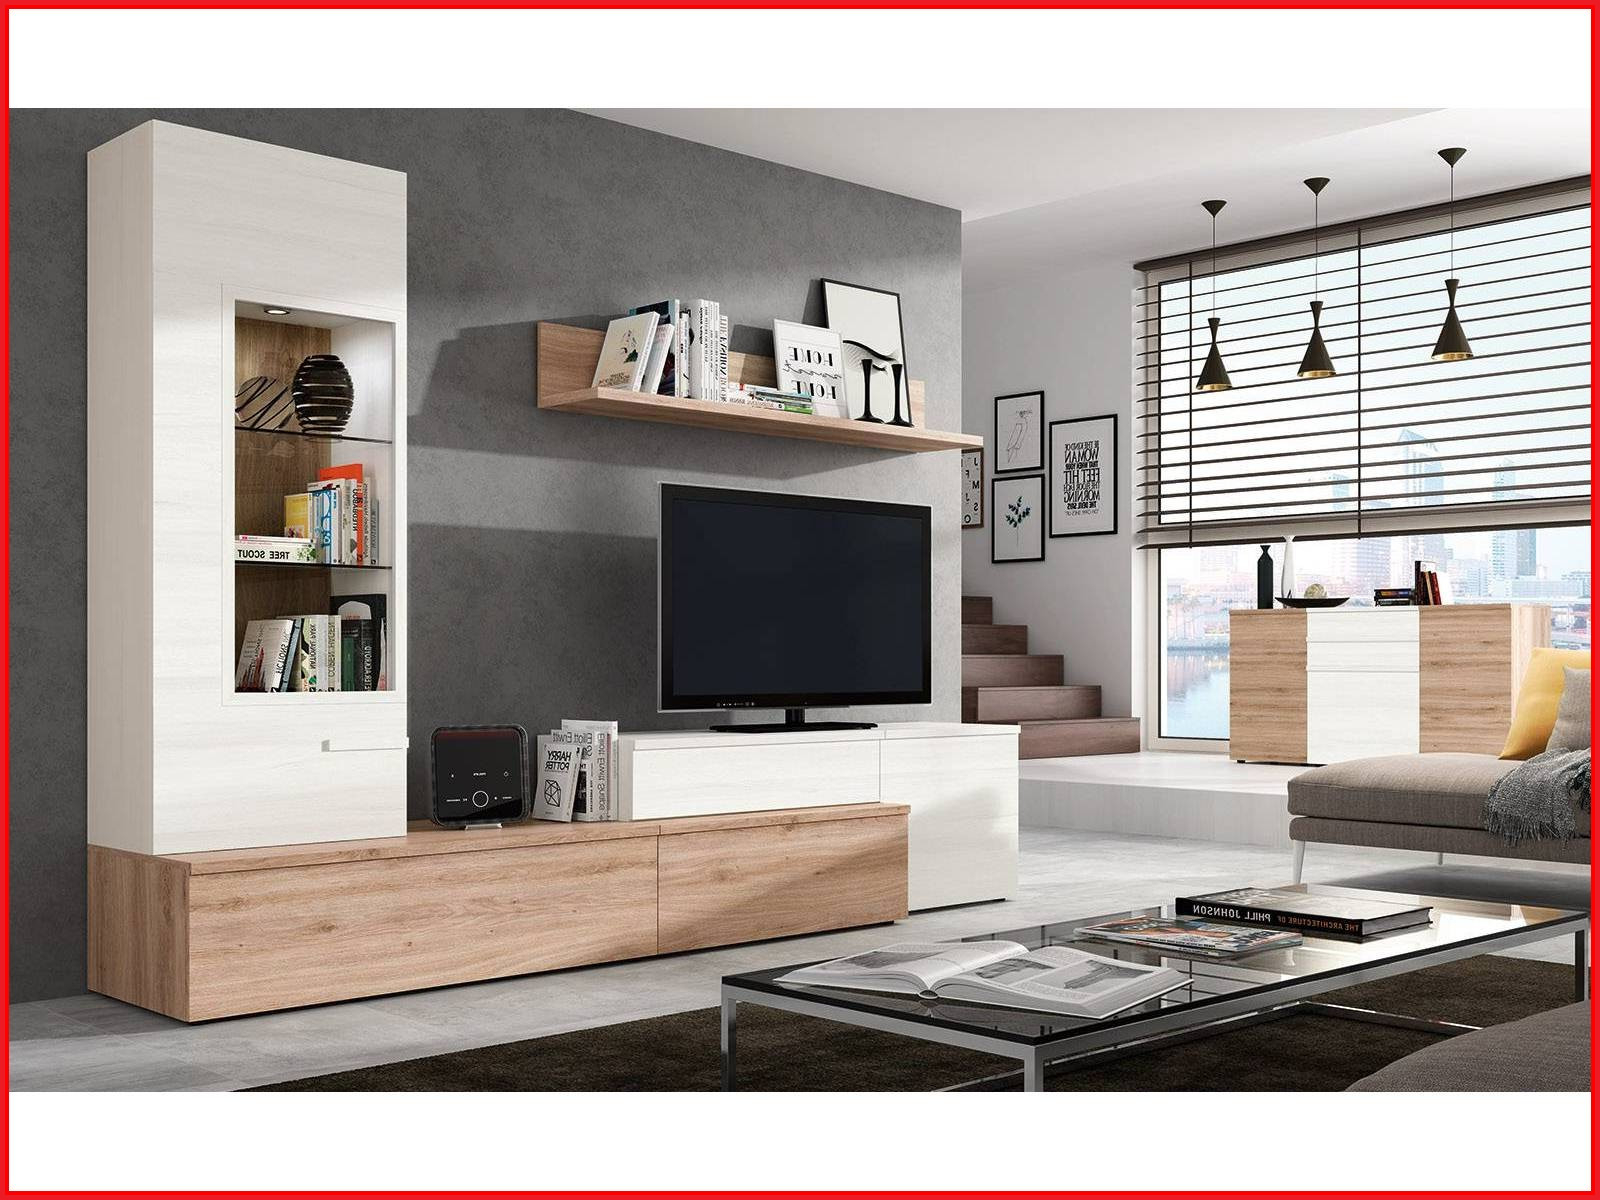 Muebles De Salon Merkamueble Ipdd Muebles De Salon Merkamueble Muebles De Salon Merkamueble